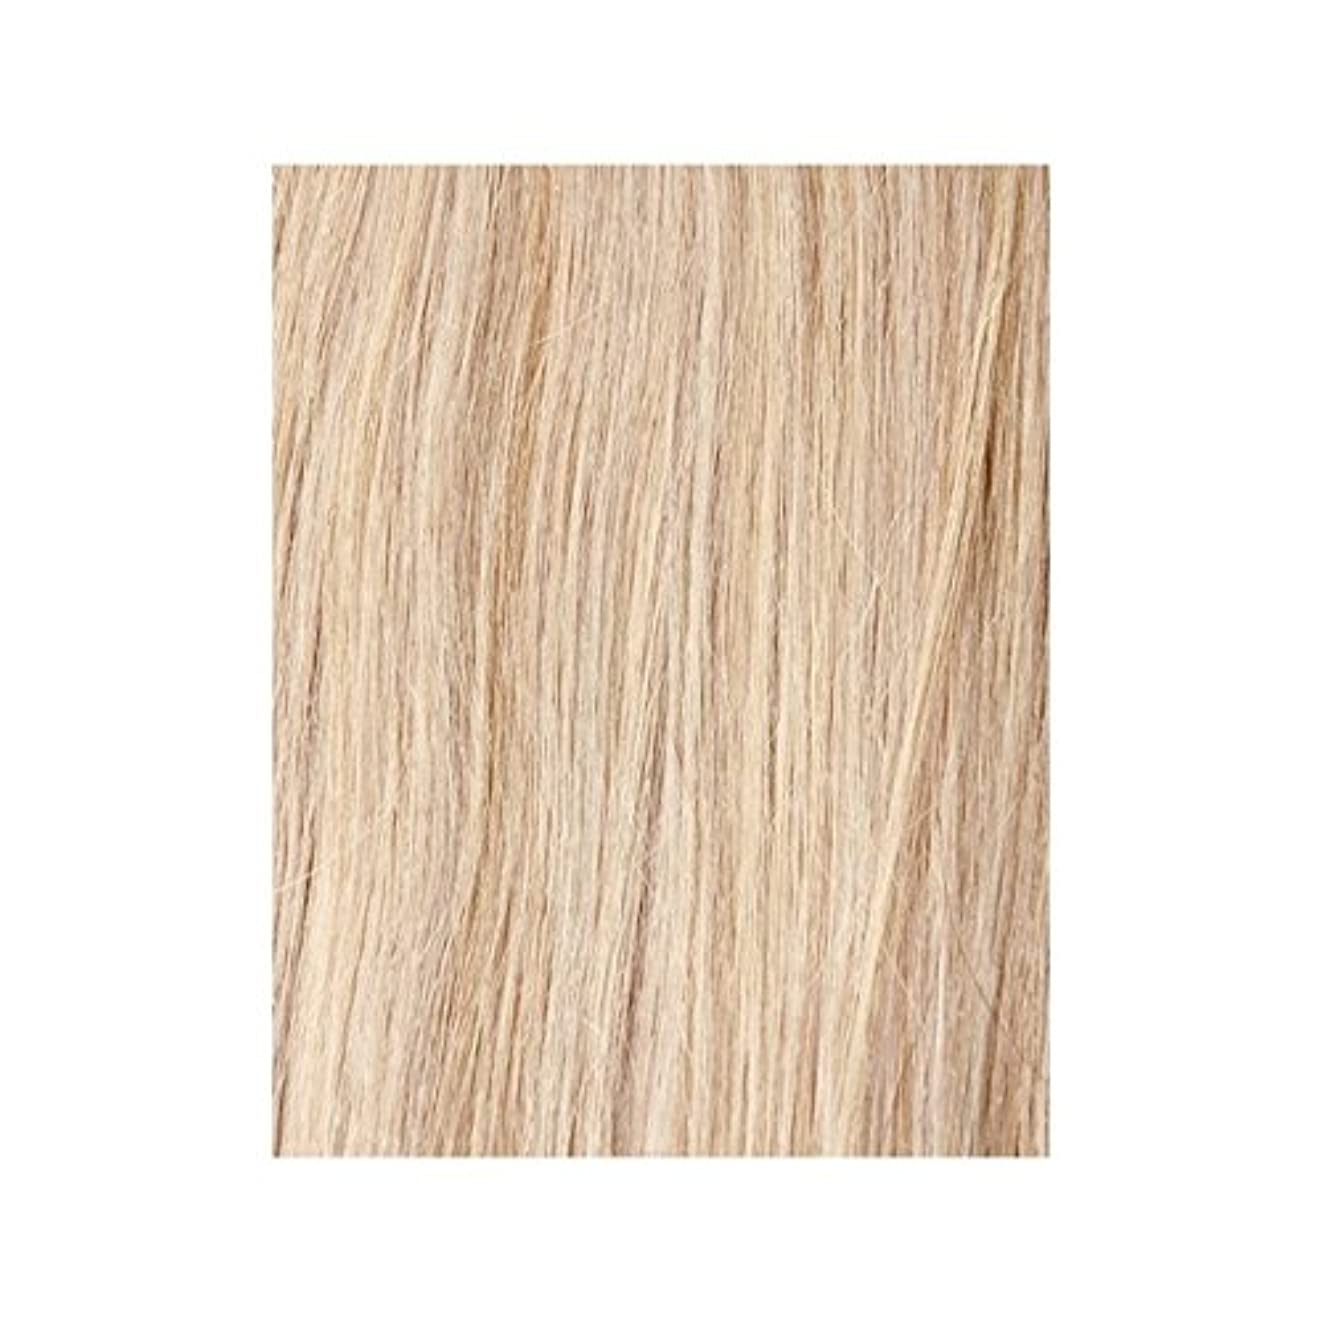 言及する構成員困惑するBeauty Works 100% Remy Colour Swatch Hair Extension - Vintage Blonde 60 - ヴィンテージブロンド60 - 美しさは、100%レミーの色見本ヘアエクステンションの作品 [並行輸入品]